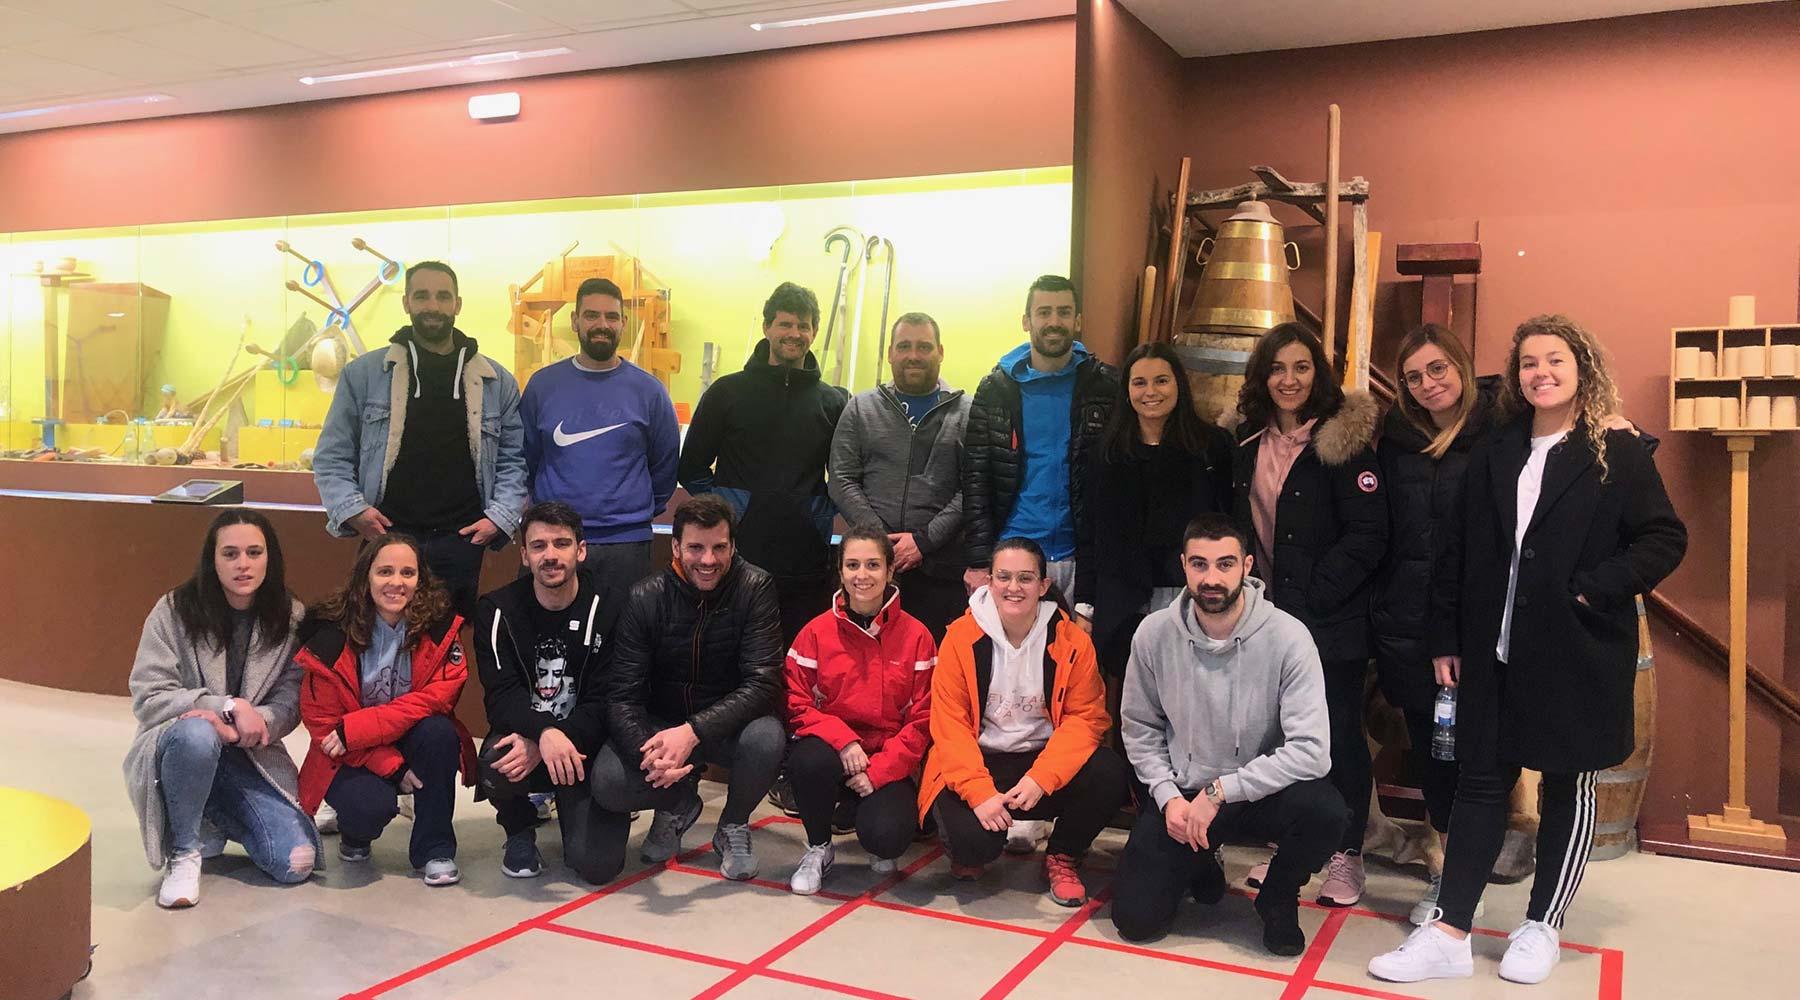 Docentes da ciudade de Lugo chegan ao Melga de Ponteceso para visitarnos na súa terceira cita anual consecutiva